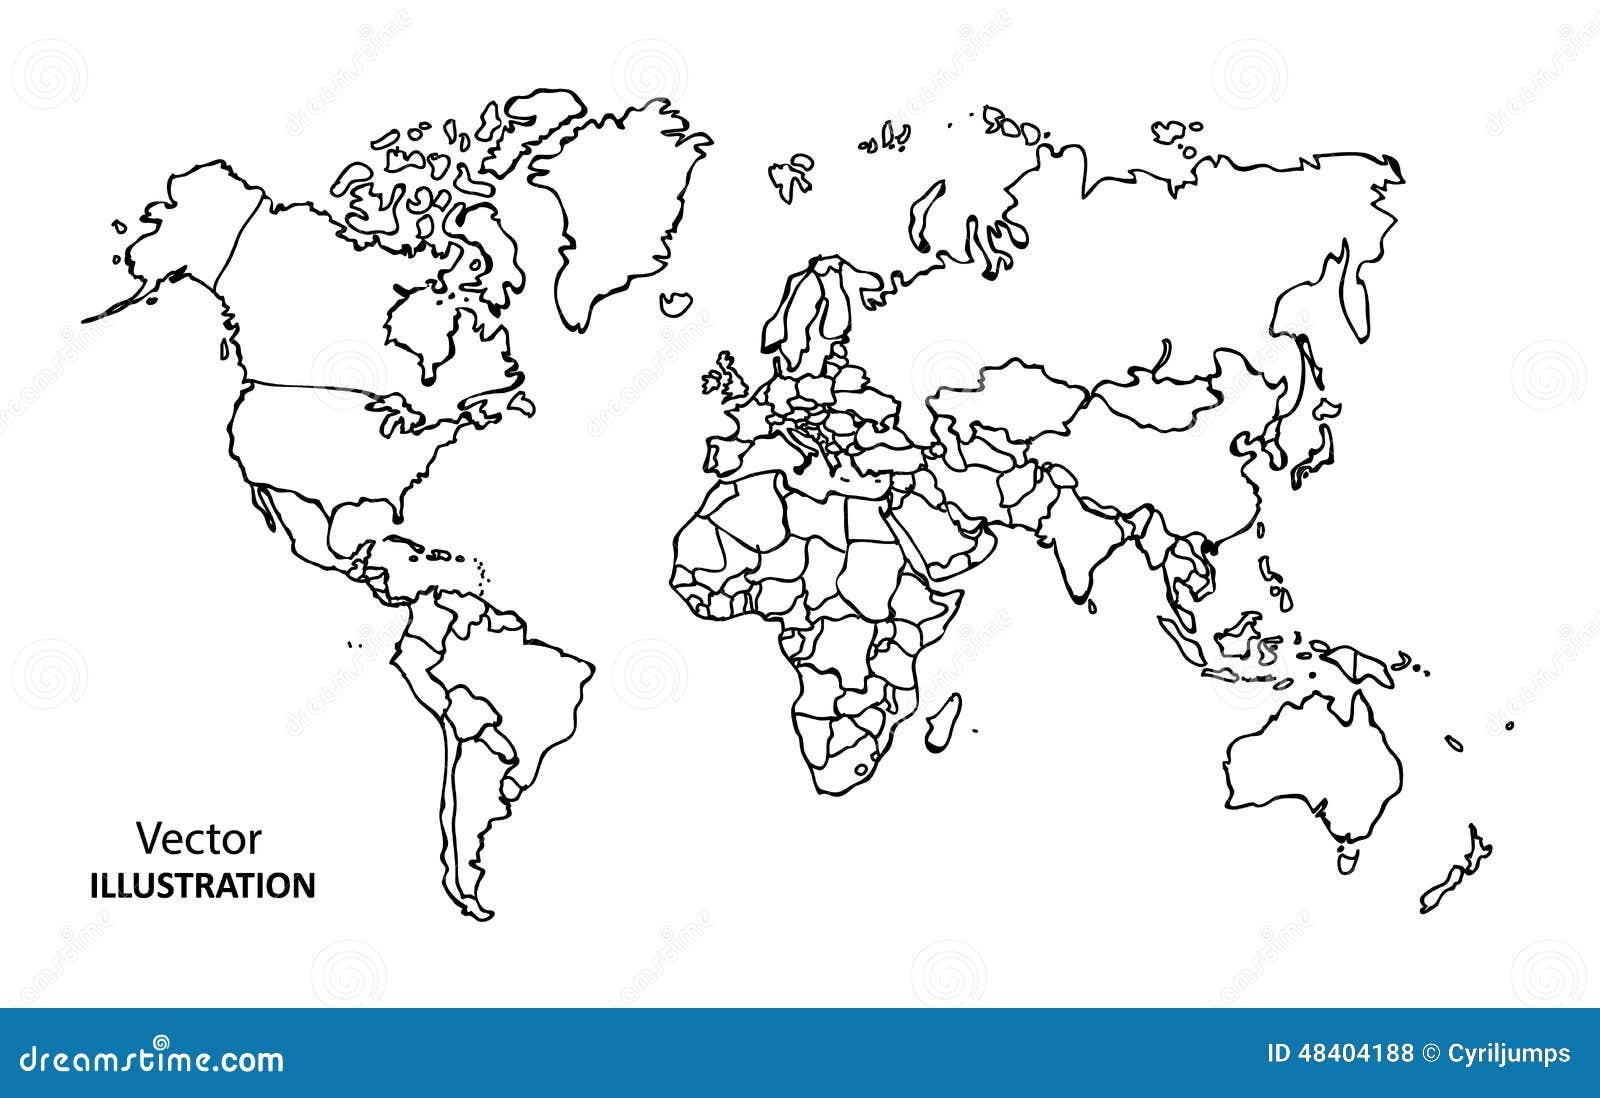 Carte du monde de dessin de main avec des pays illustration de vecteur image 48404188 for Planisphere enfant